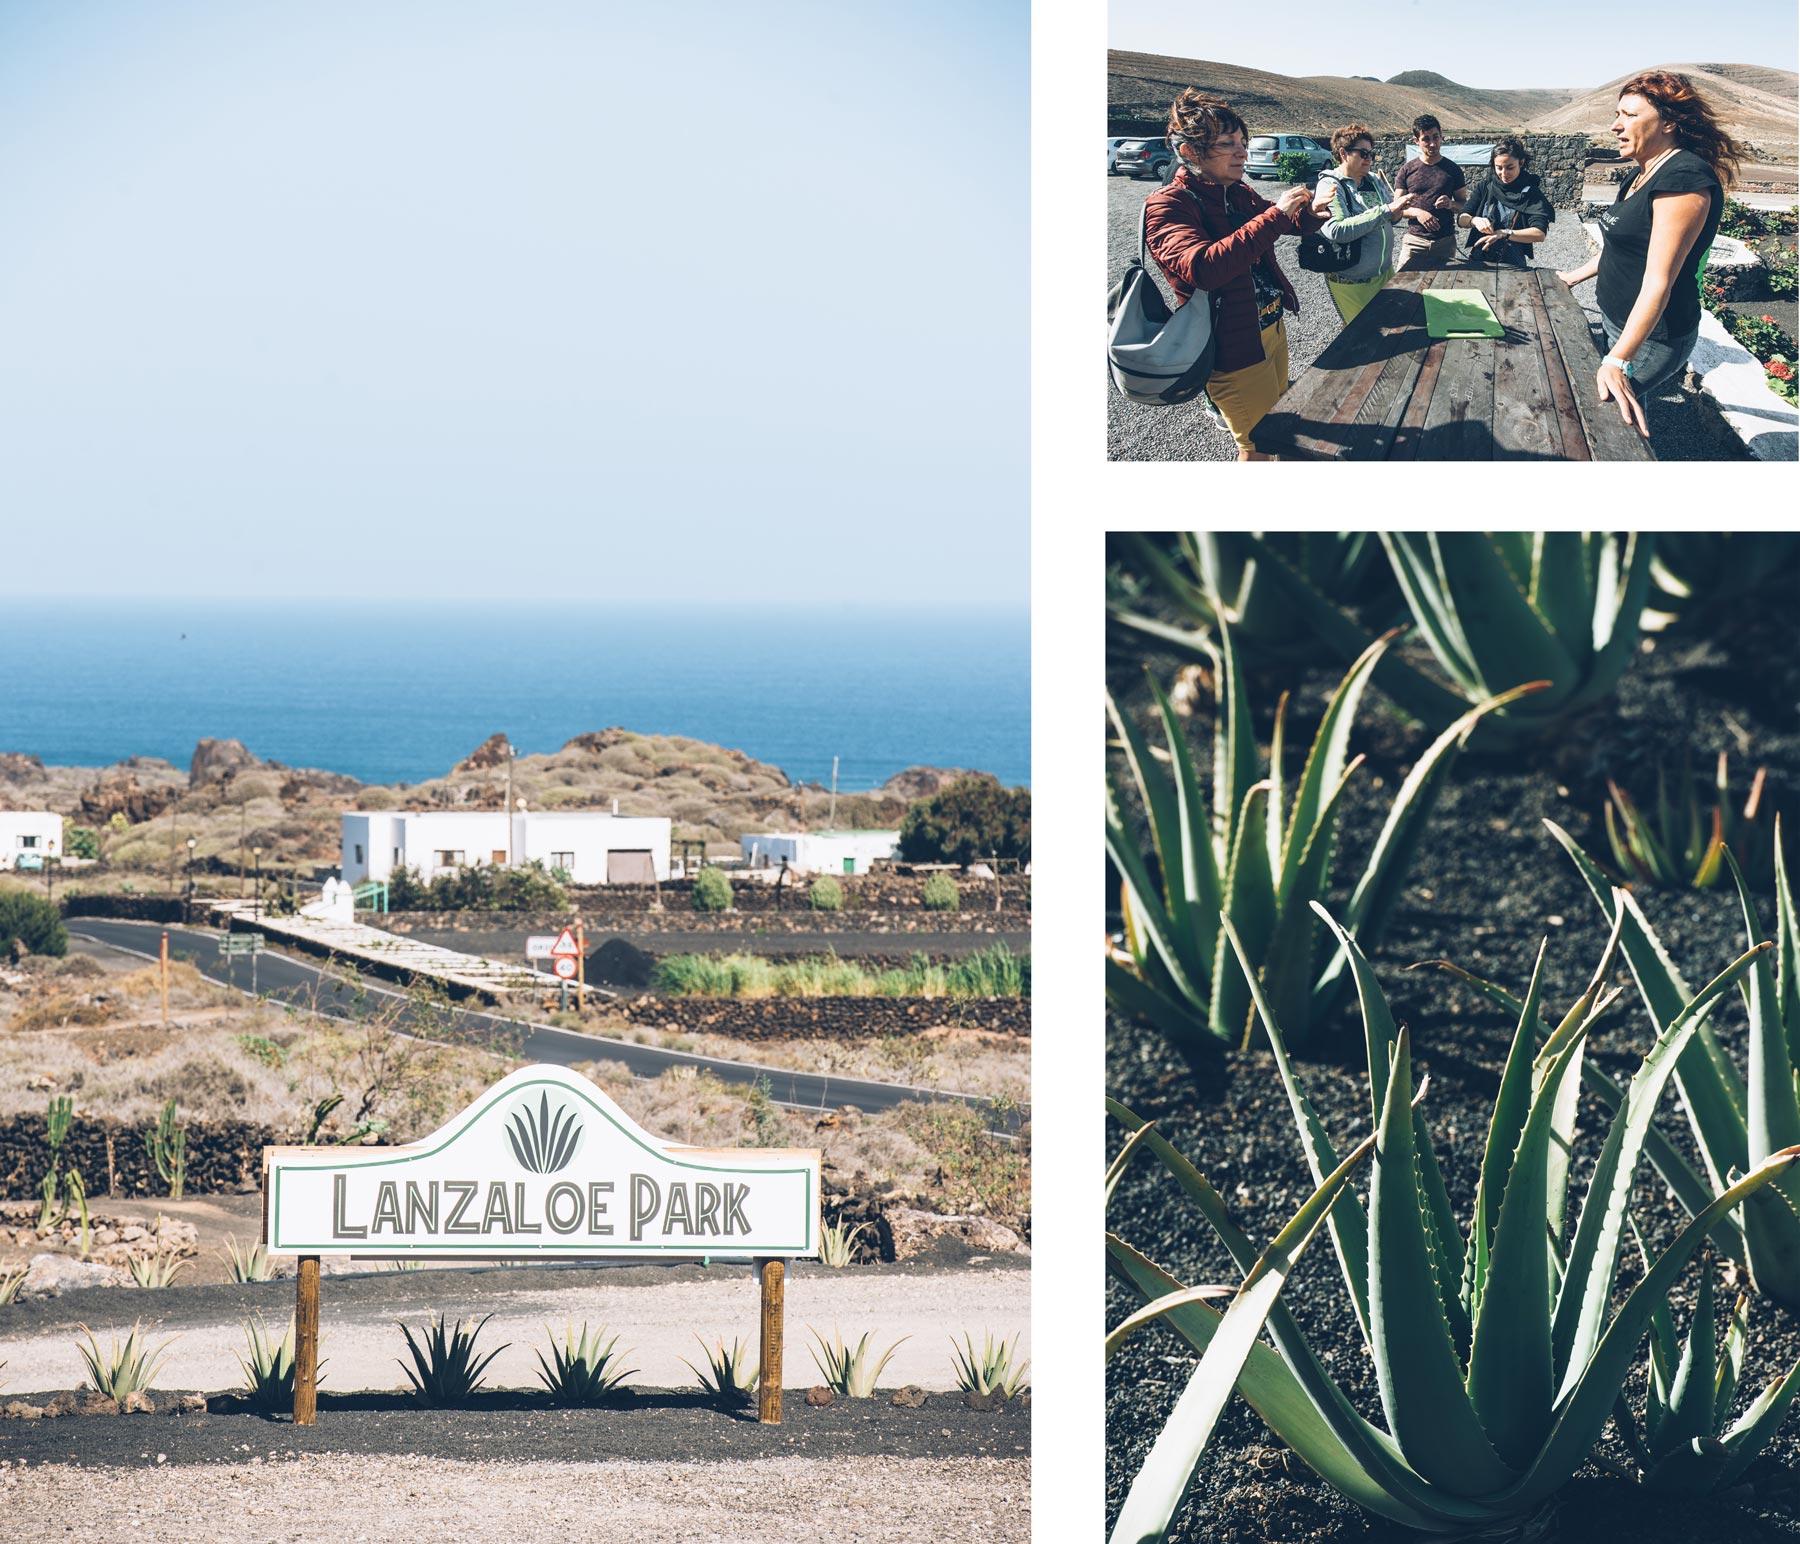 Lanzaloe Park, Aloe vera, Lanzarote